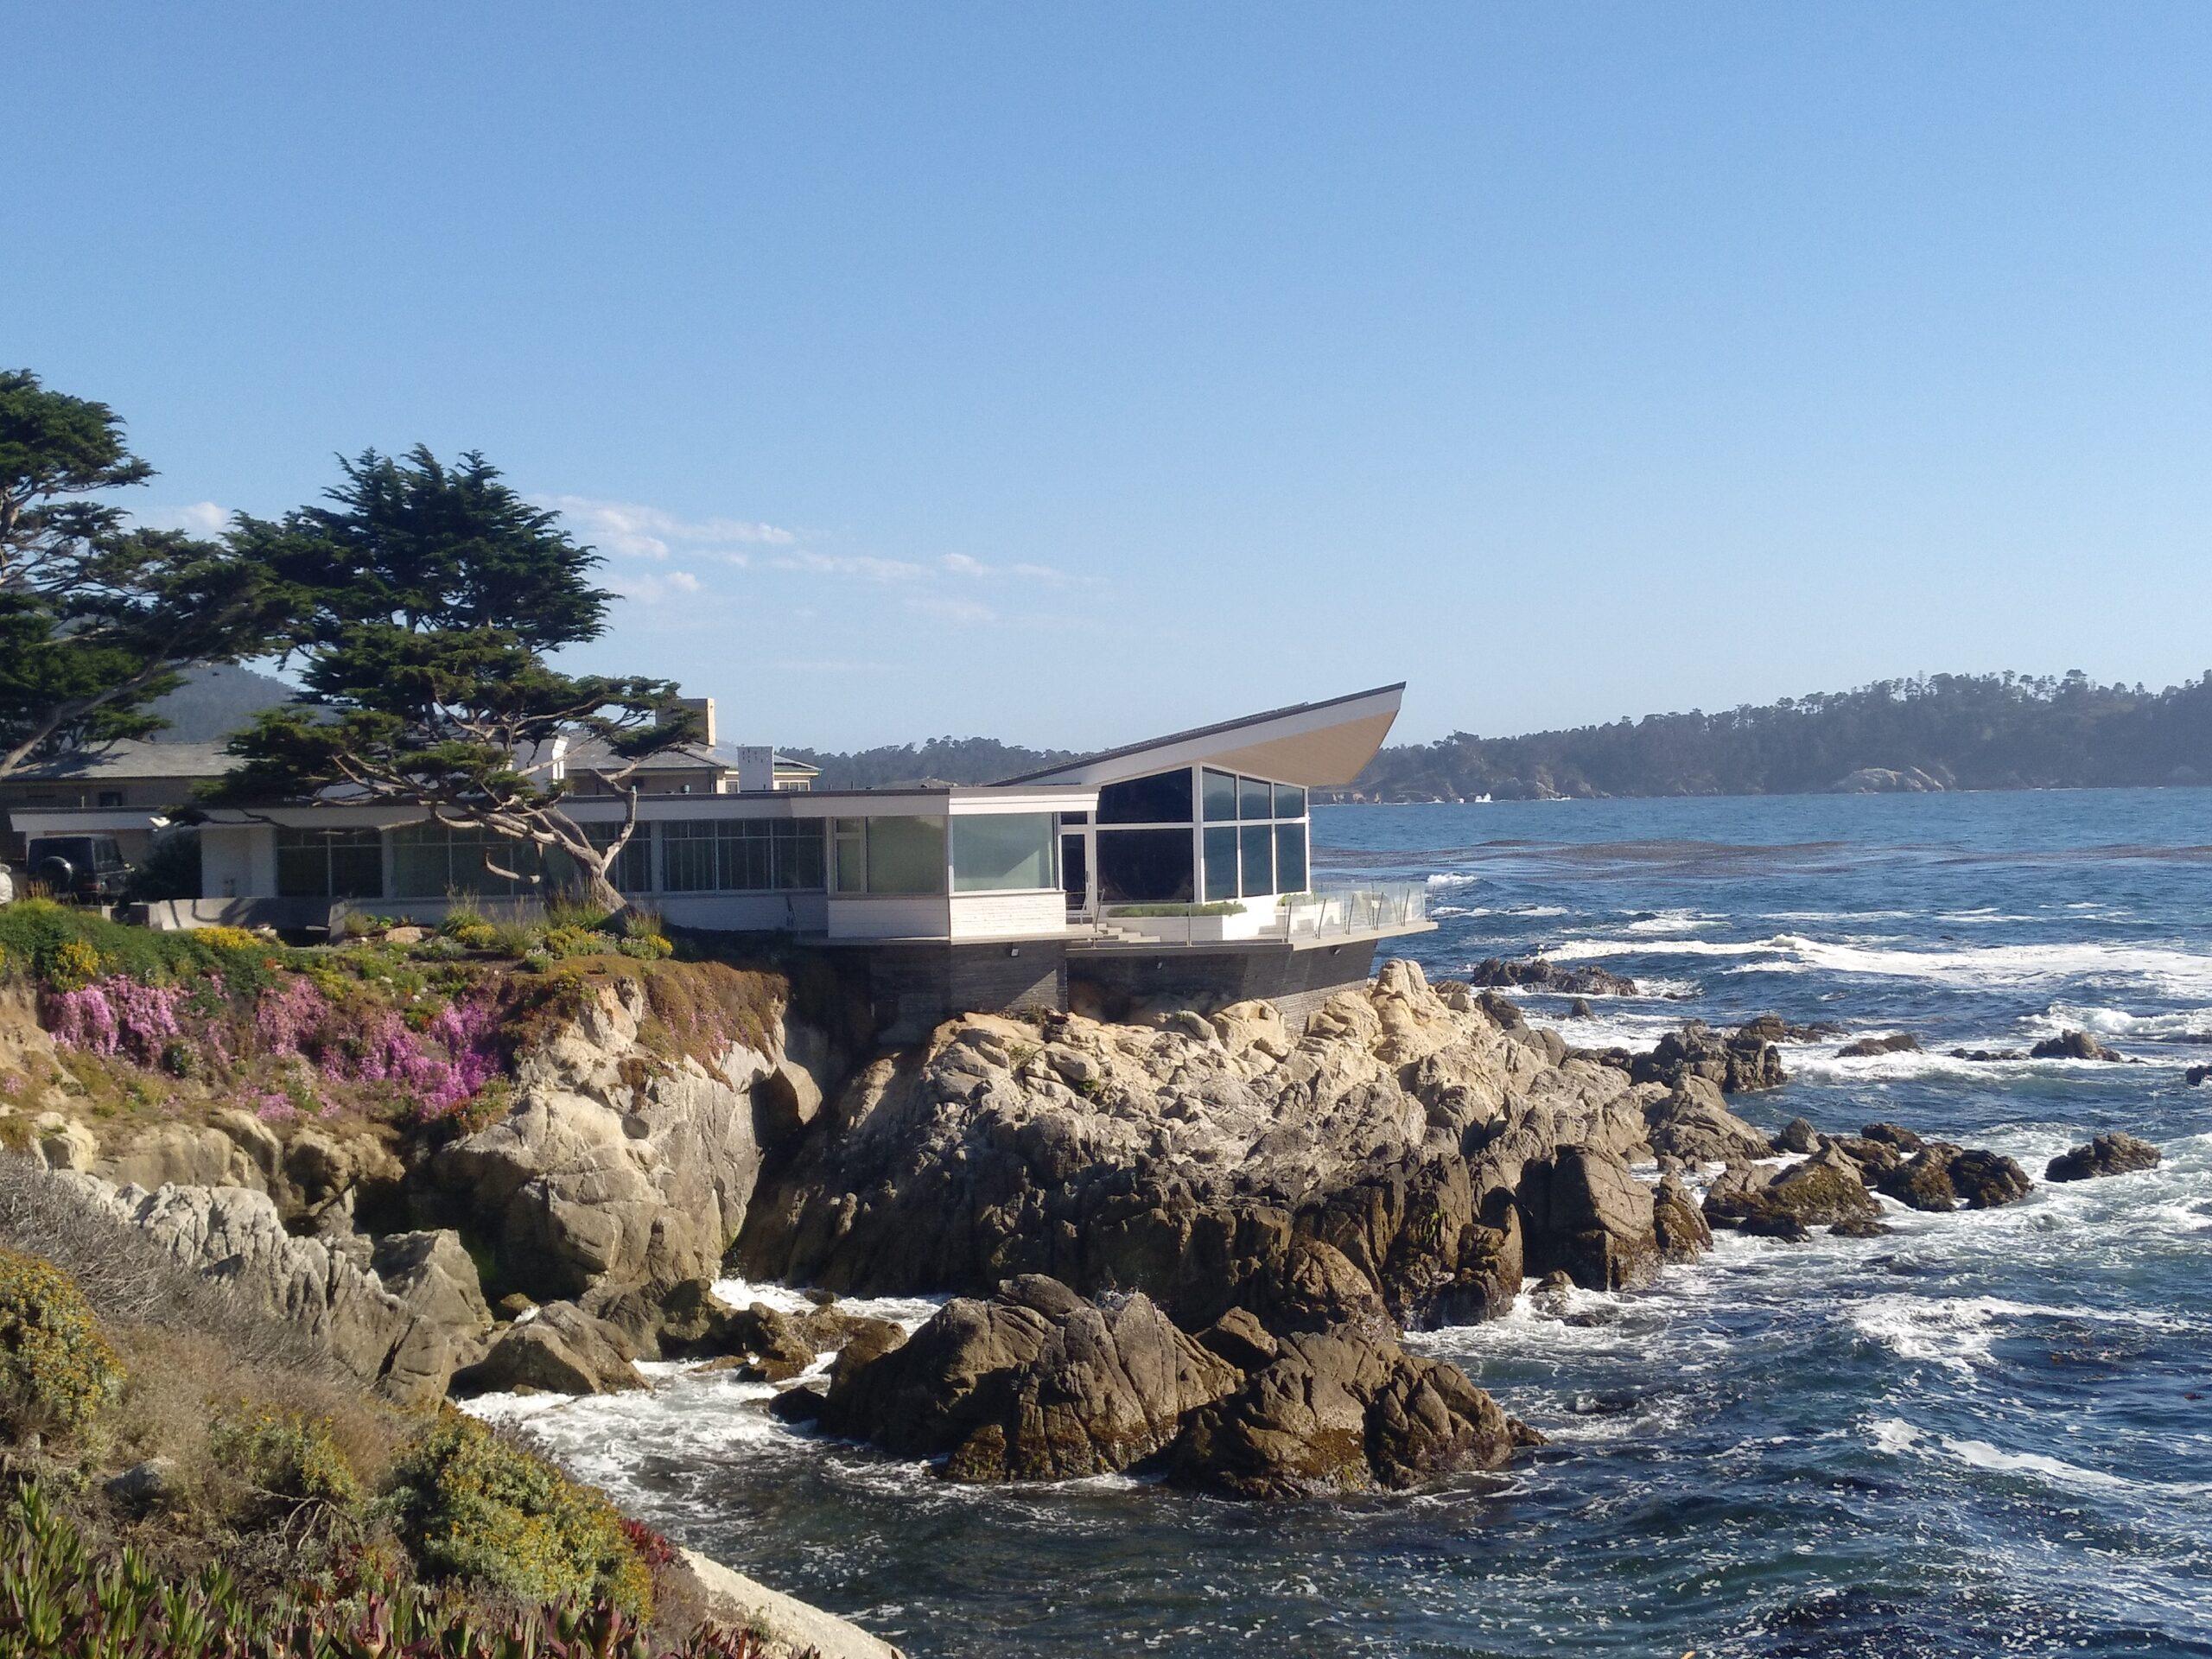 Vivienda exclusiva junto al Mar en California